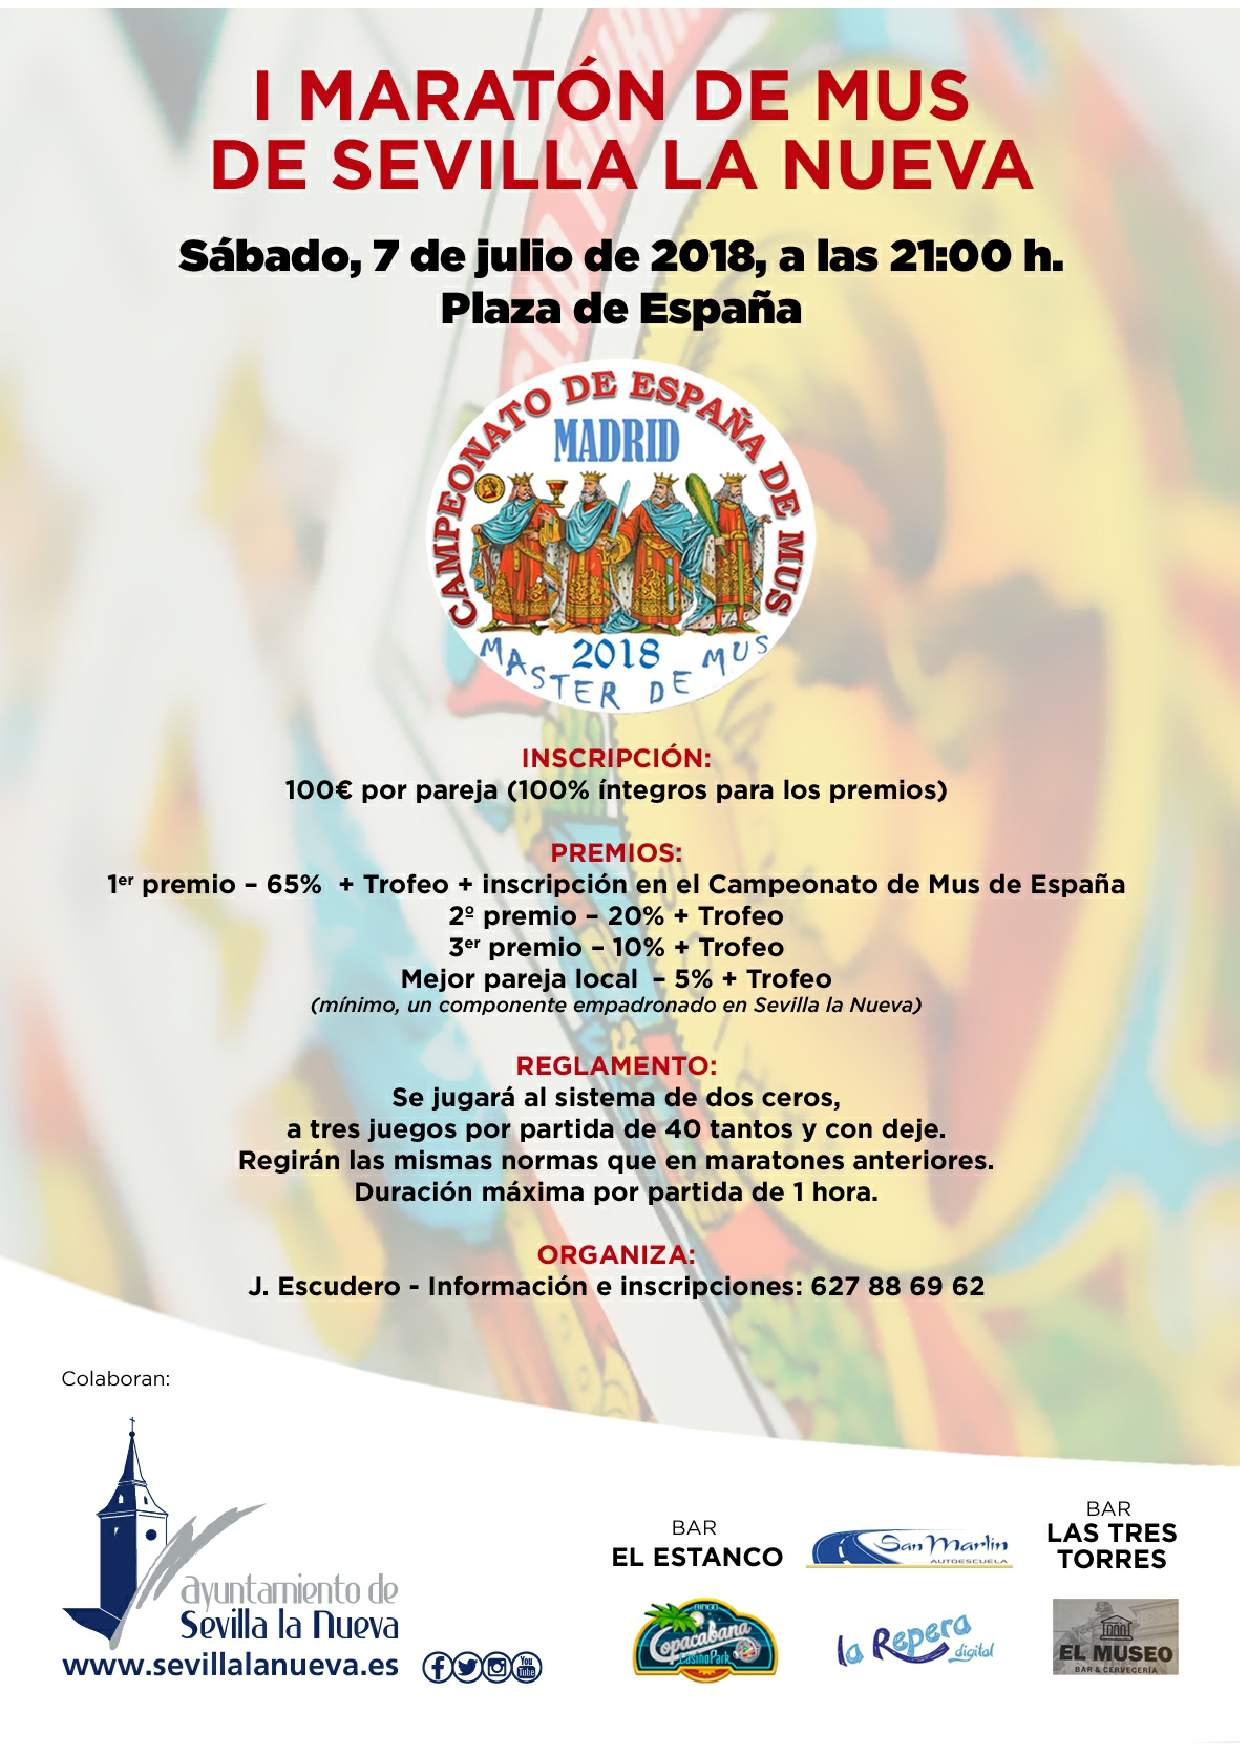 I Maratón de Mus @ Plaza de España